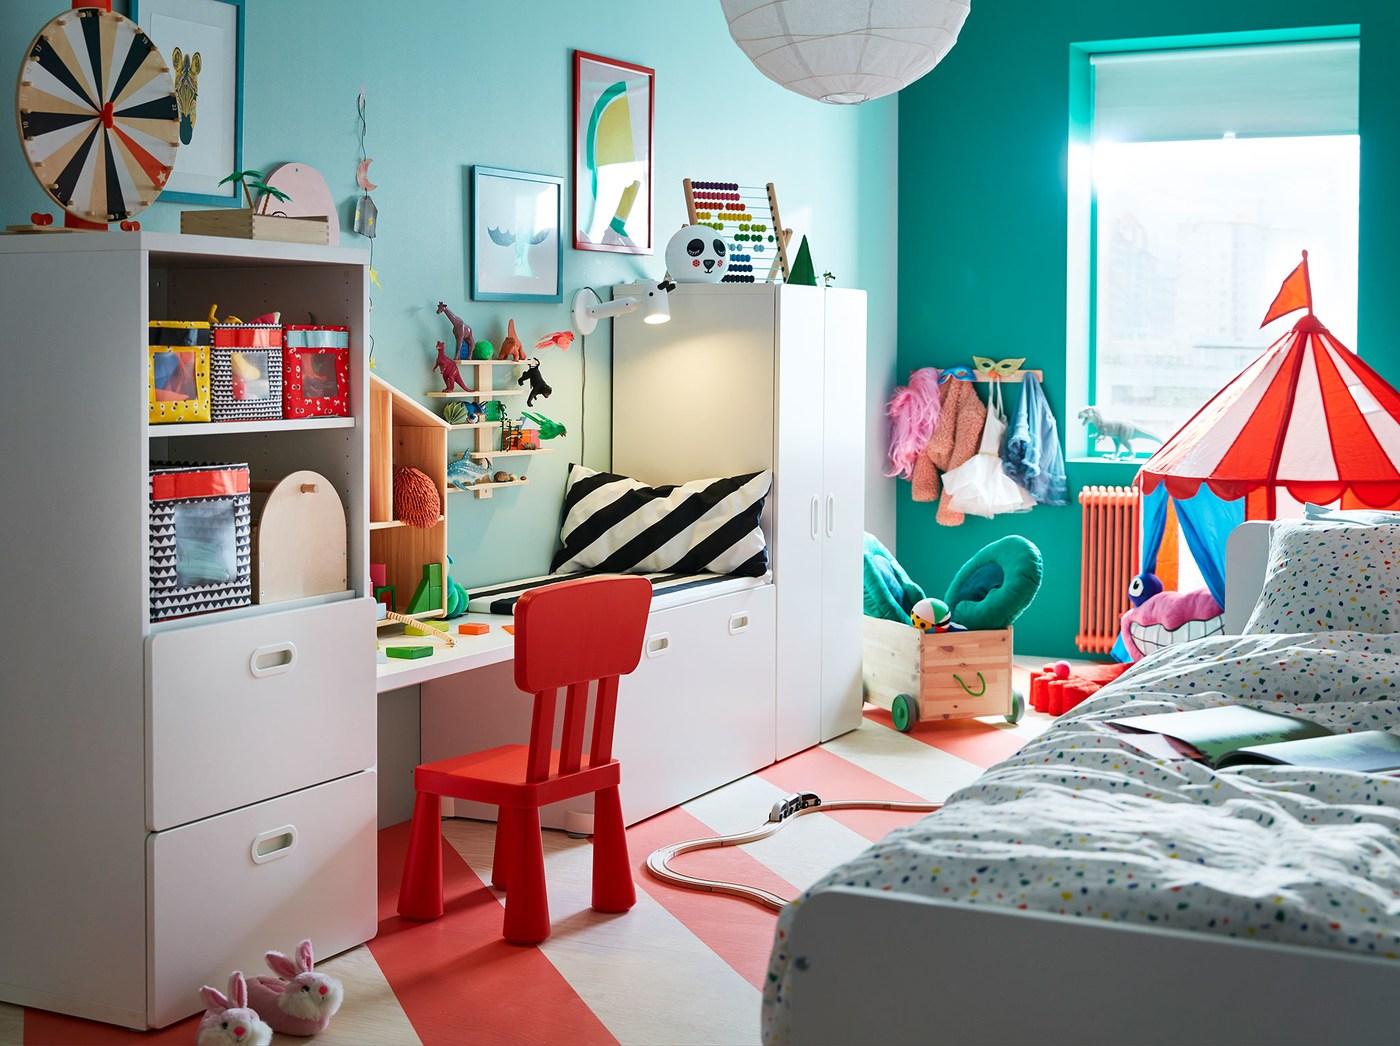 Habitaciones juveniles ikea for Decoracion habitaciones juveniles nina